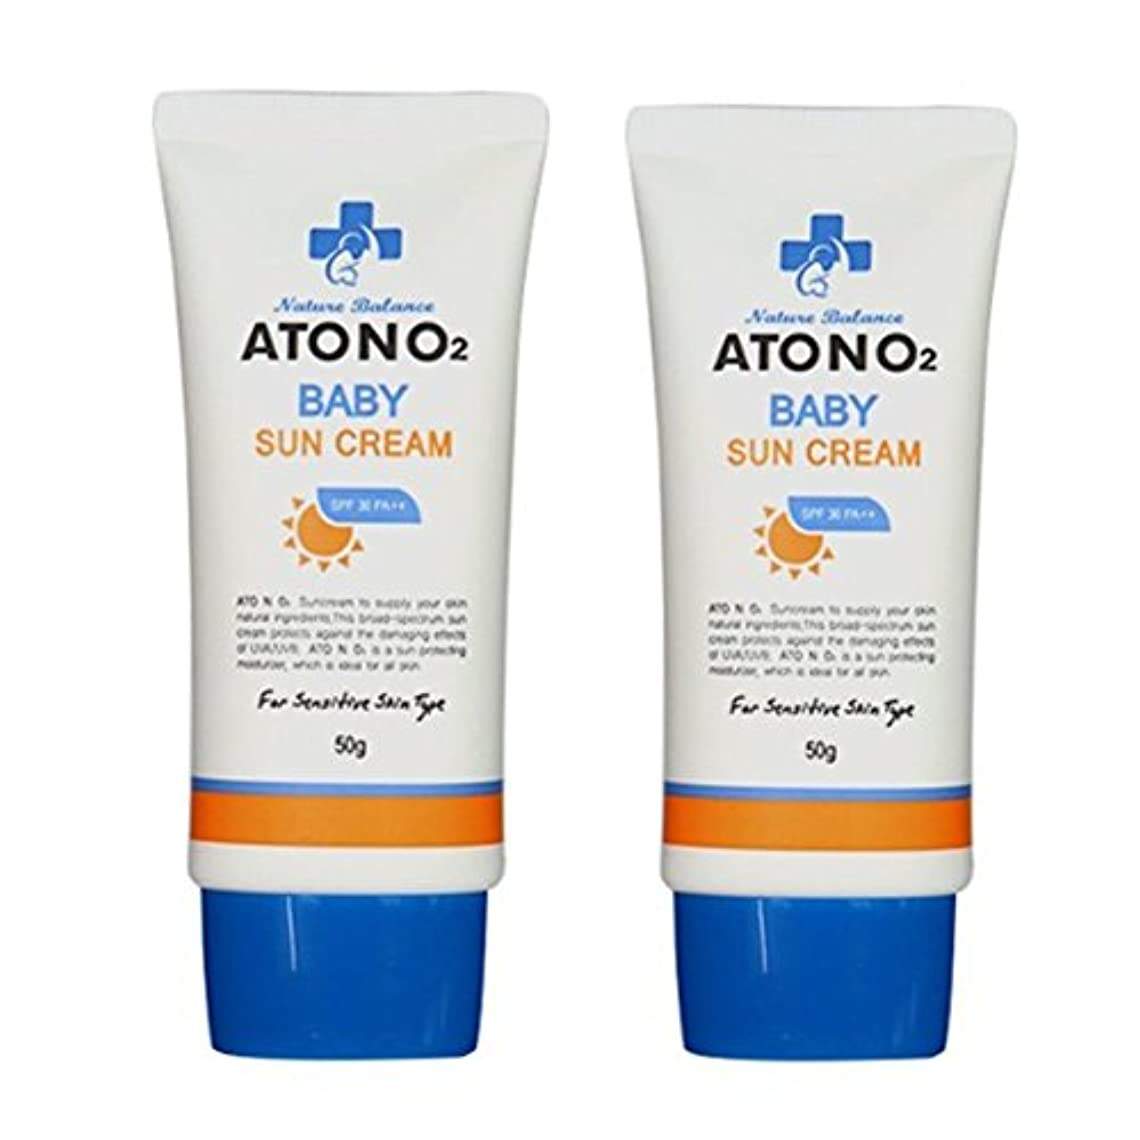 ドロークリークサスペンド(ATONO2) ベビーサン・クリーム (SPF30/PA++) 50g x 2本セット ATONO2 Baby Sun Cream (SPF30/PA++) 50g x 2ea Set [並行輸入品]